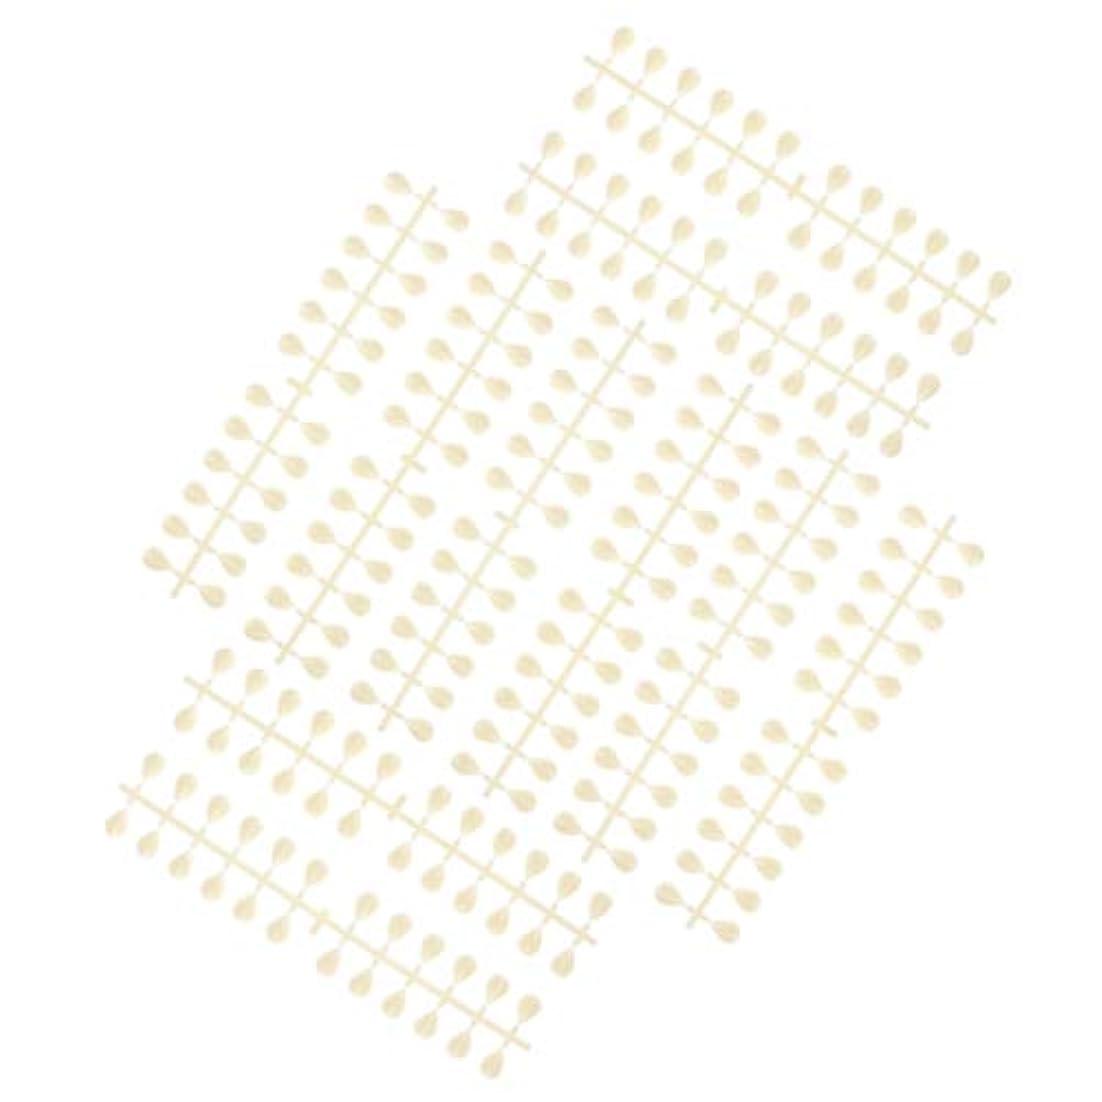 に対応する電圧おしゃれじゃないDYNWAVE ネイルのヒントスティック再利用可能なマニキュアサロンネイルアートディスプレイカラーカード - 水滴